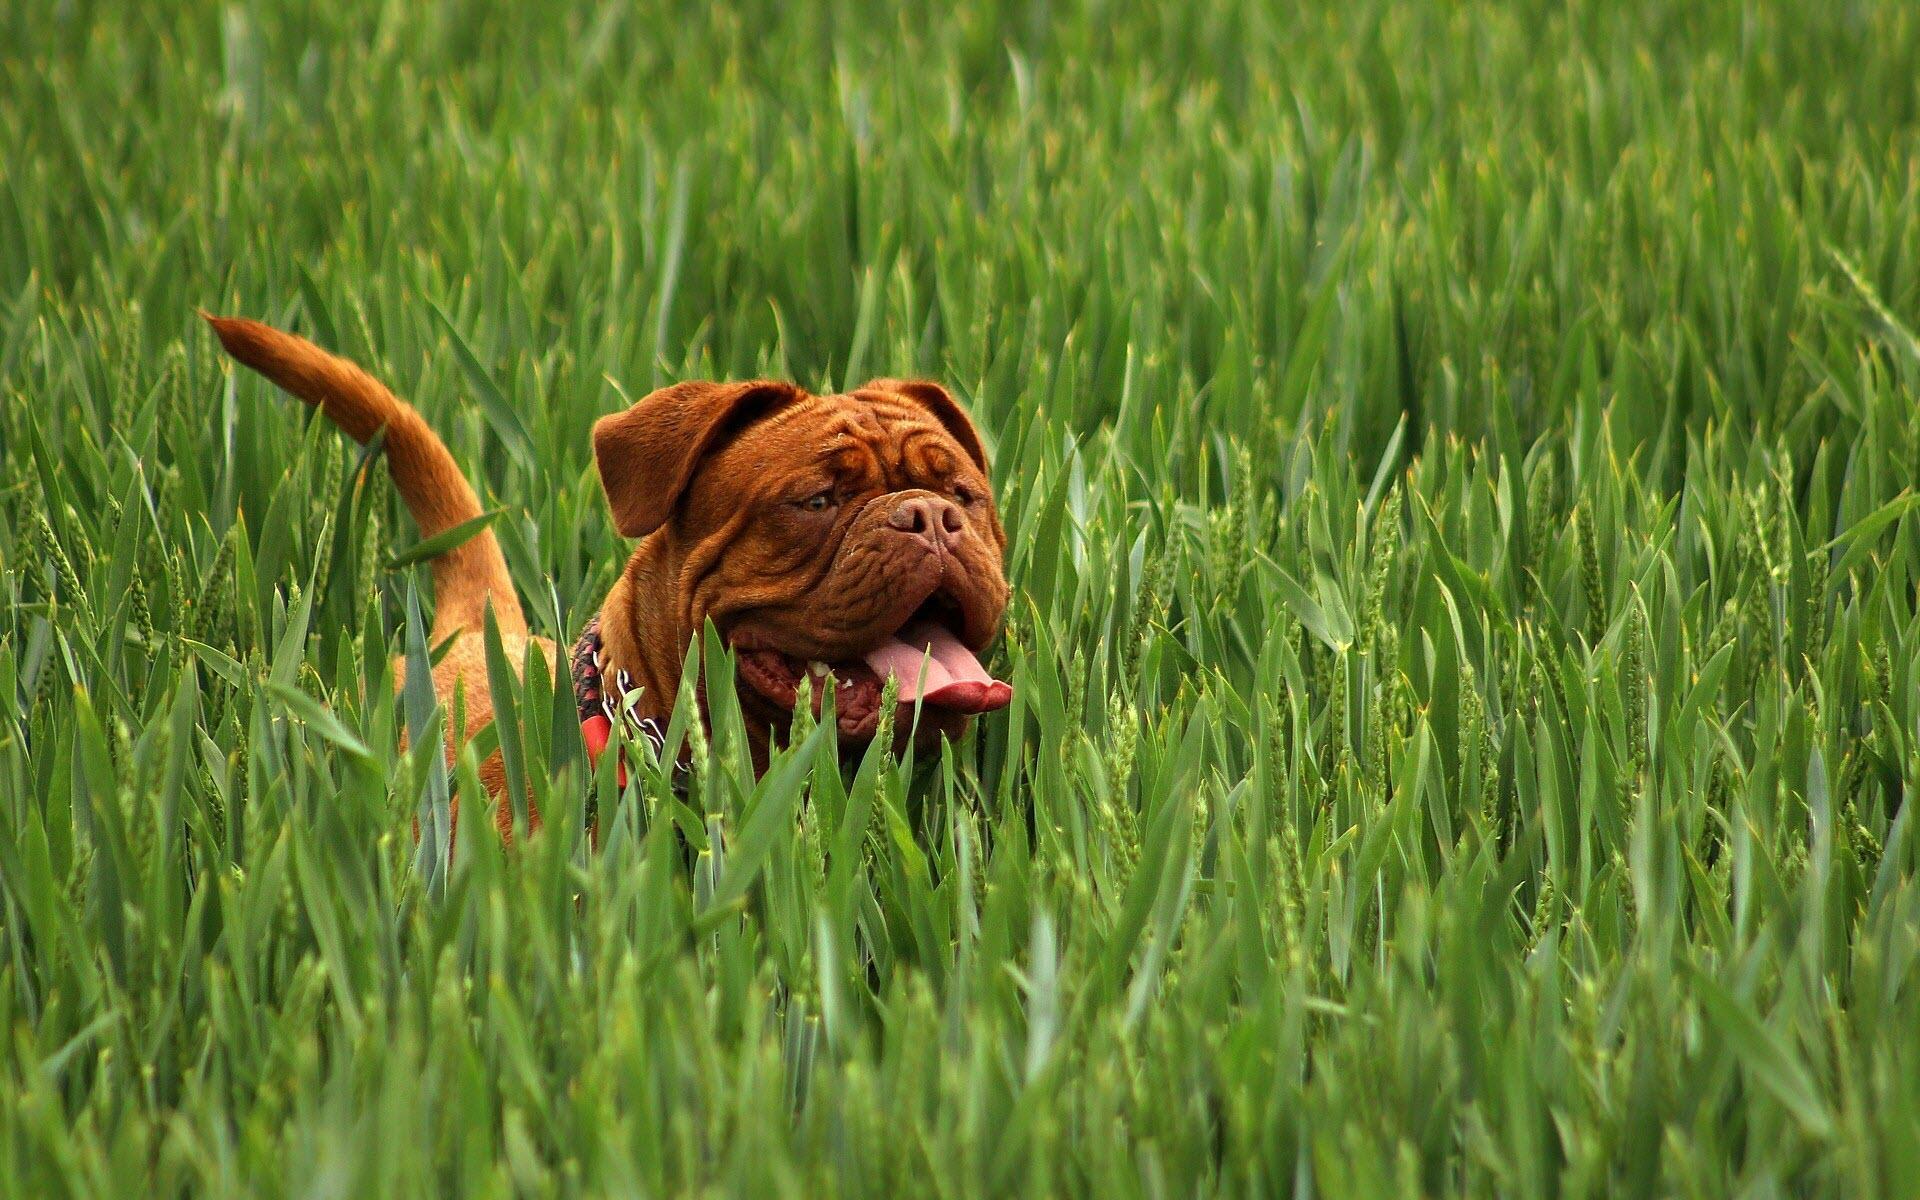 Hình nền chú chó corgi dễ thương